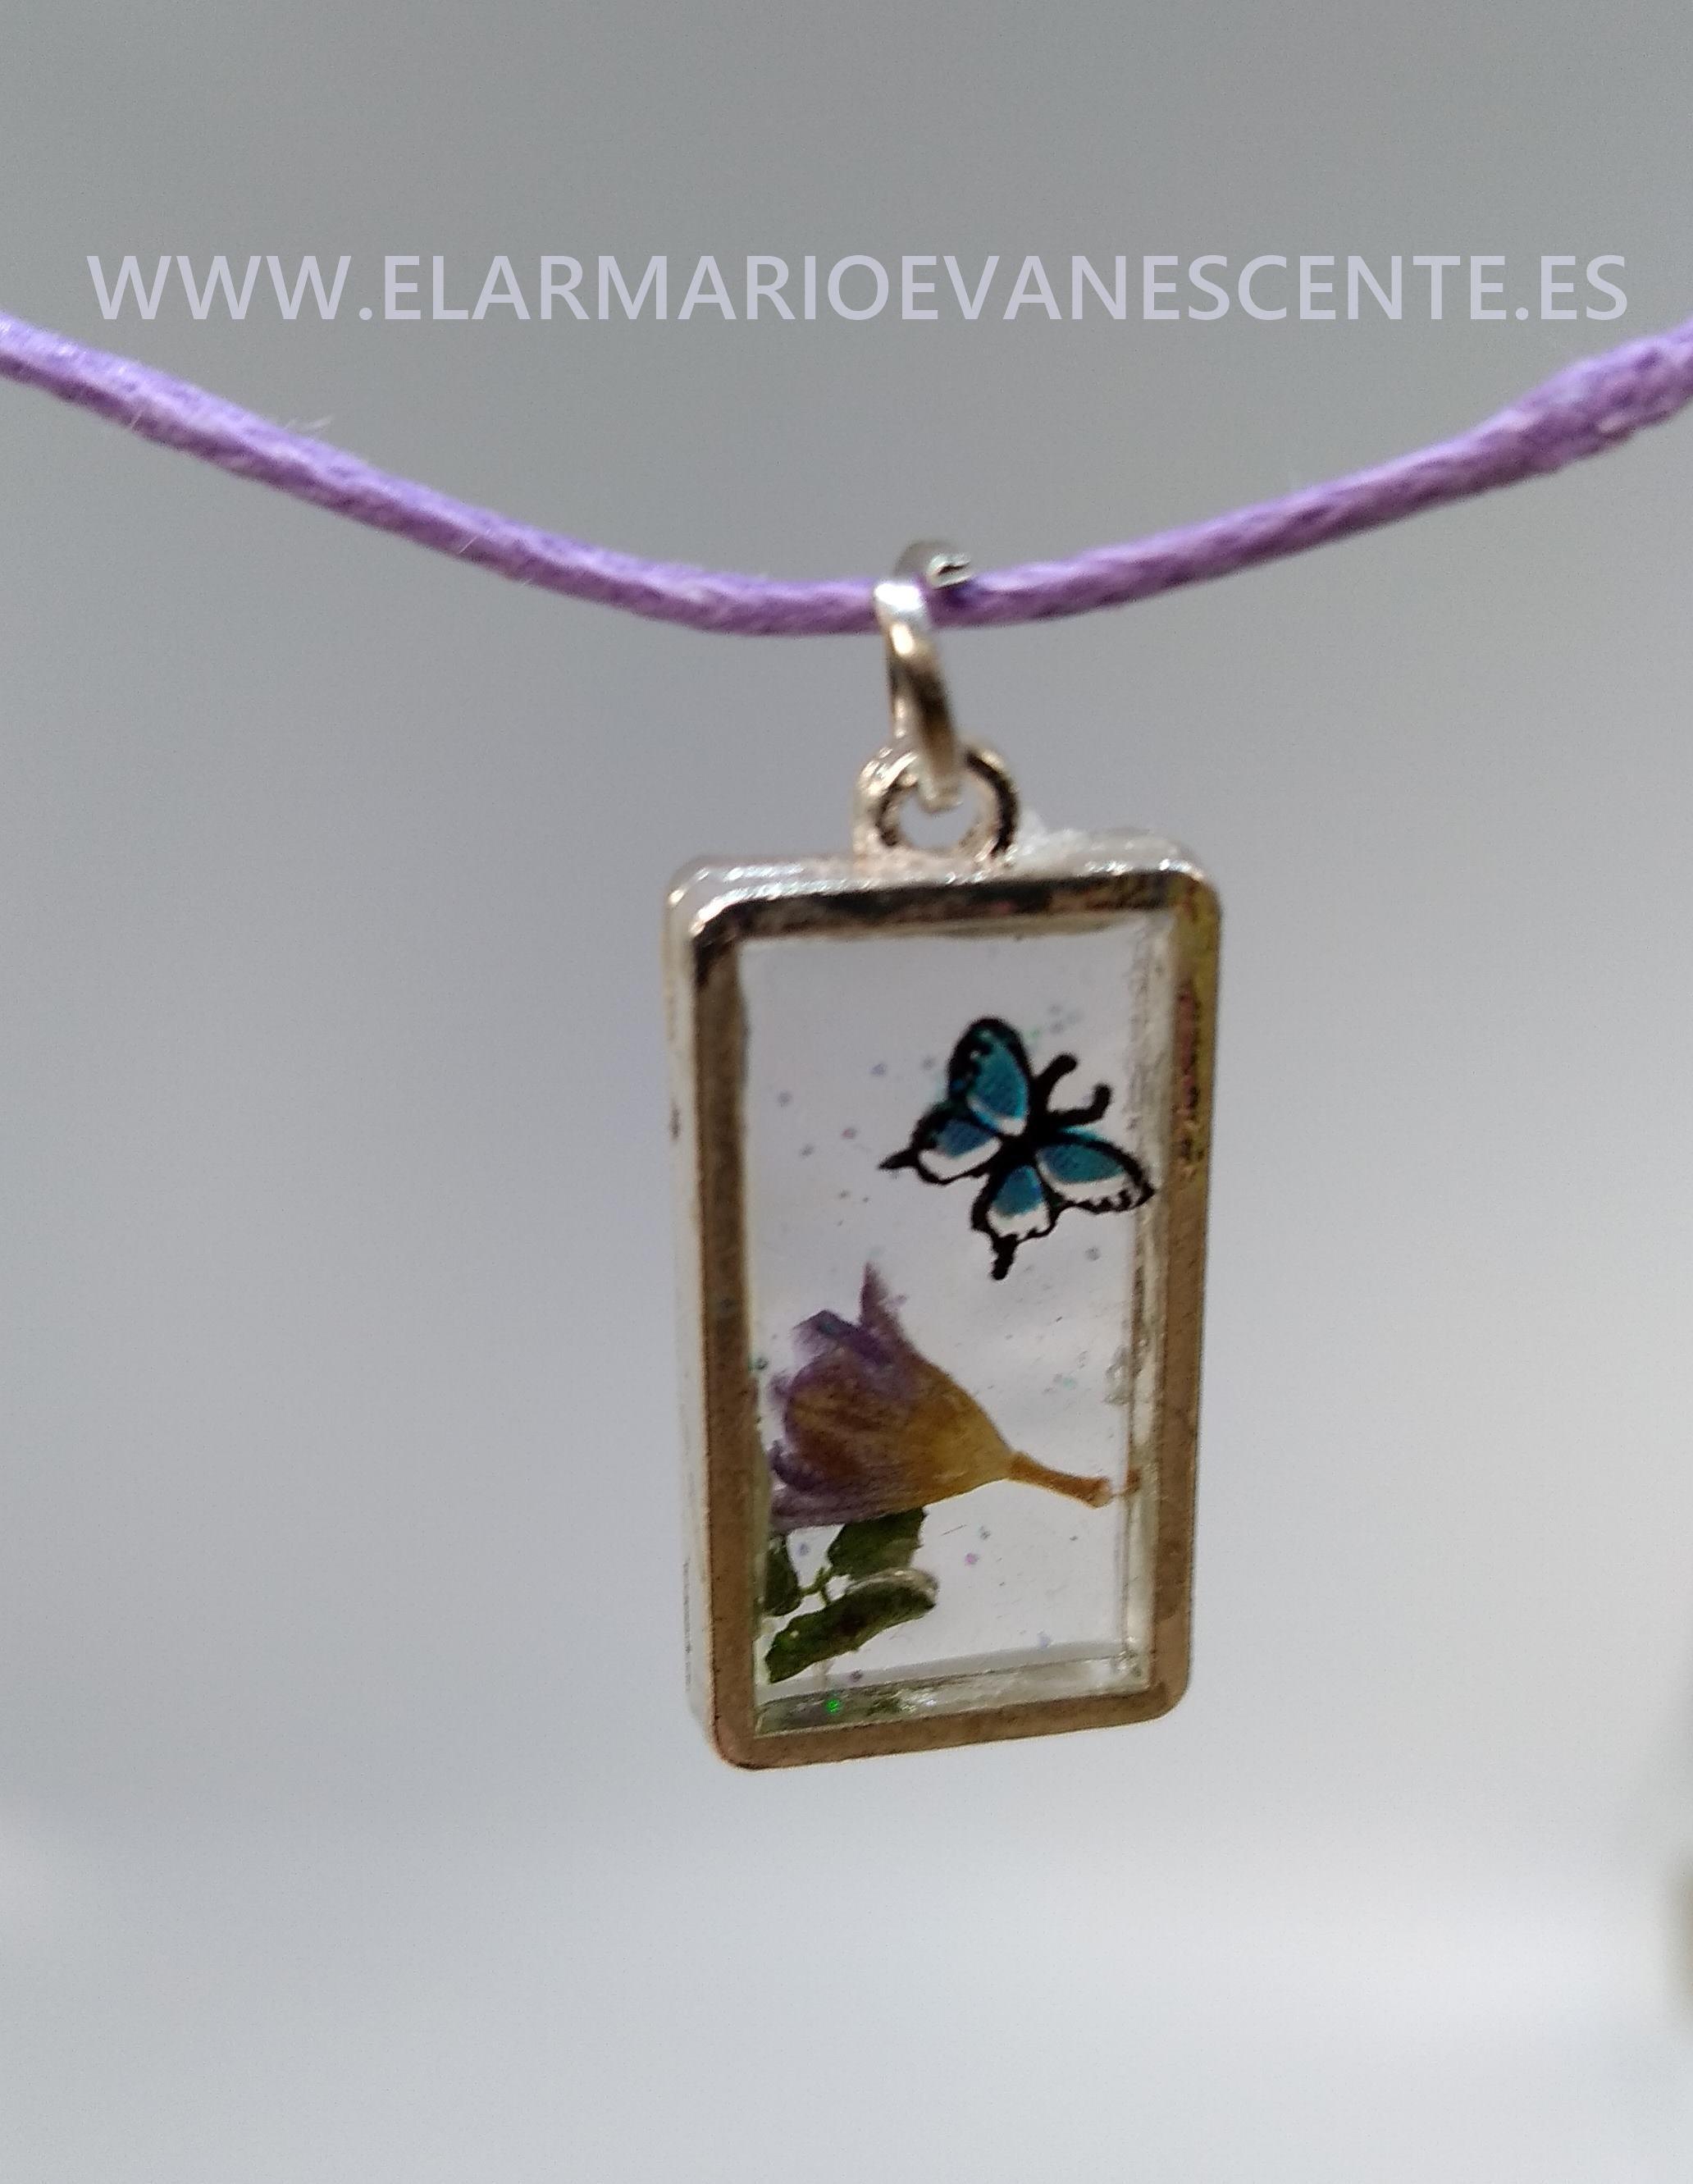 La mariposa y la flor MA